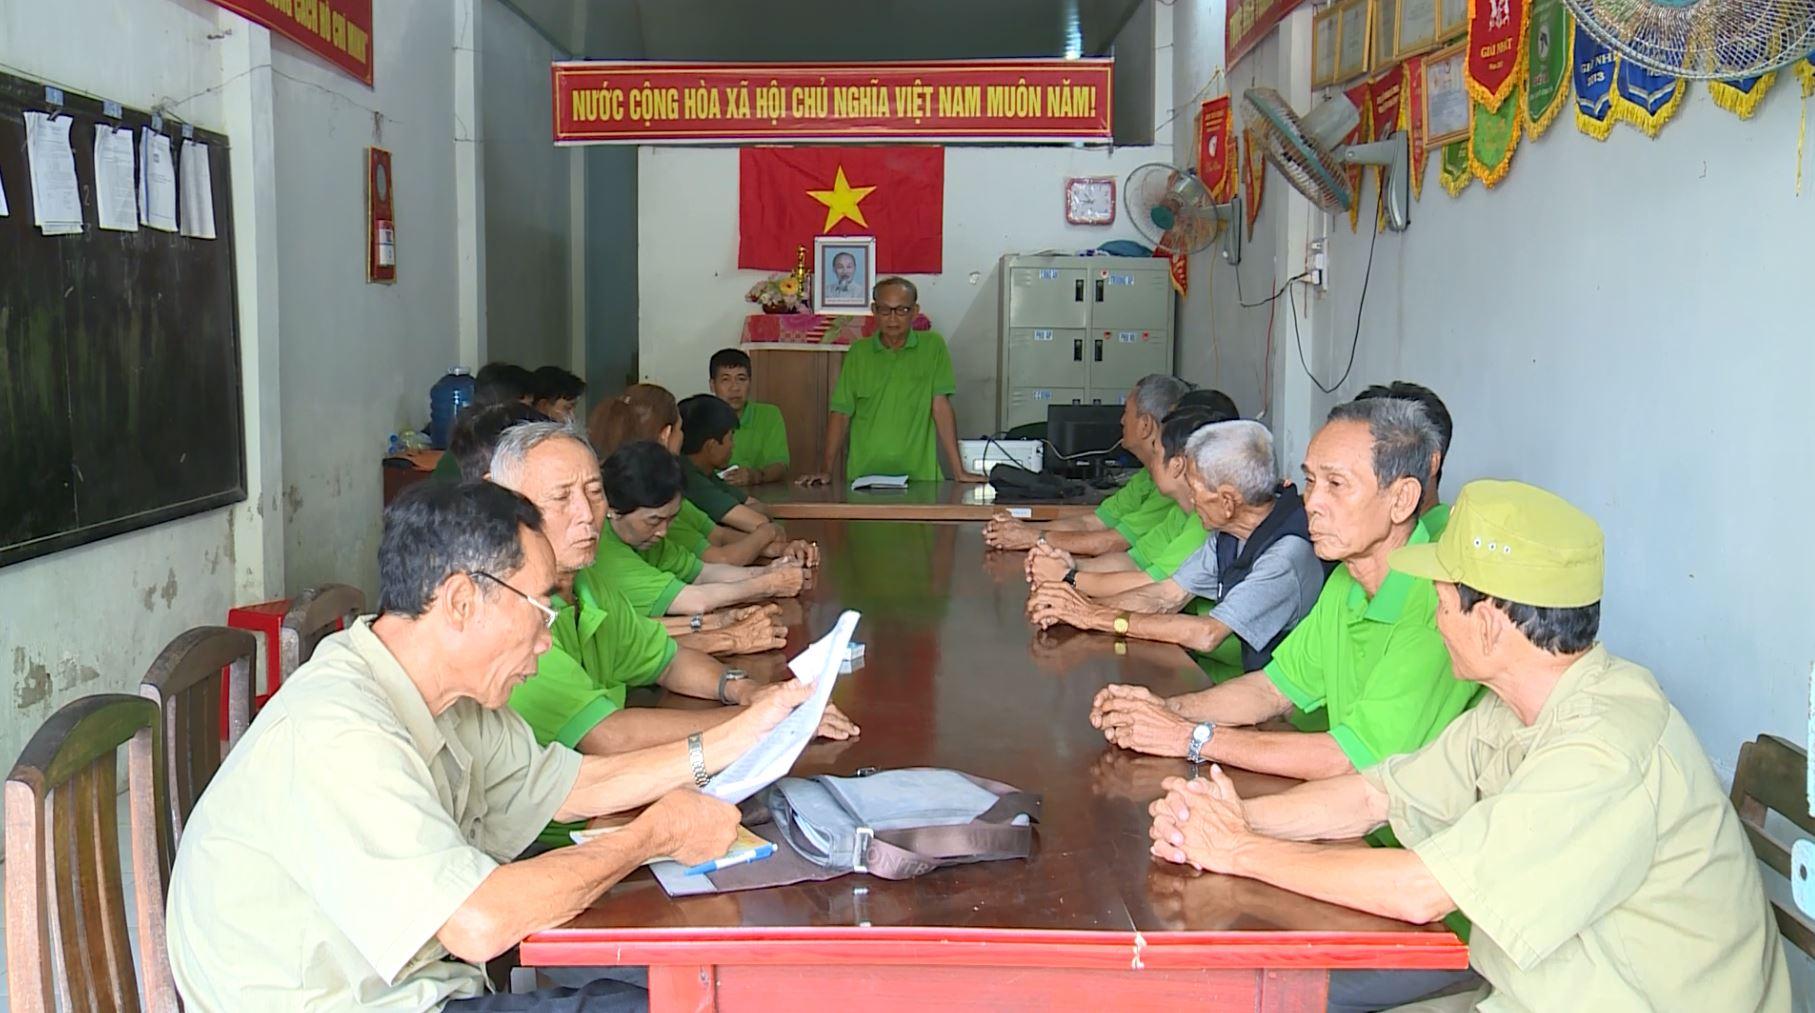 Hội cựu chiến binh xã Vĩnh Tuy với phong trào học tập làm theo lời Bác